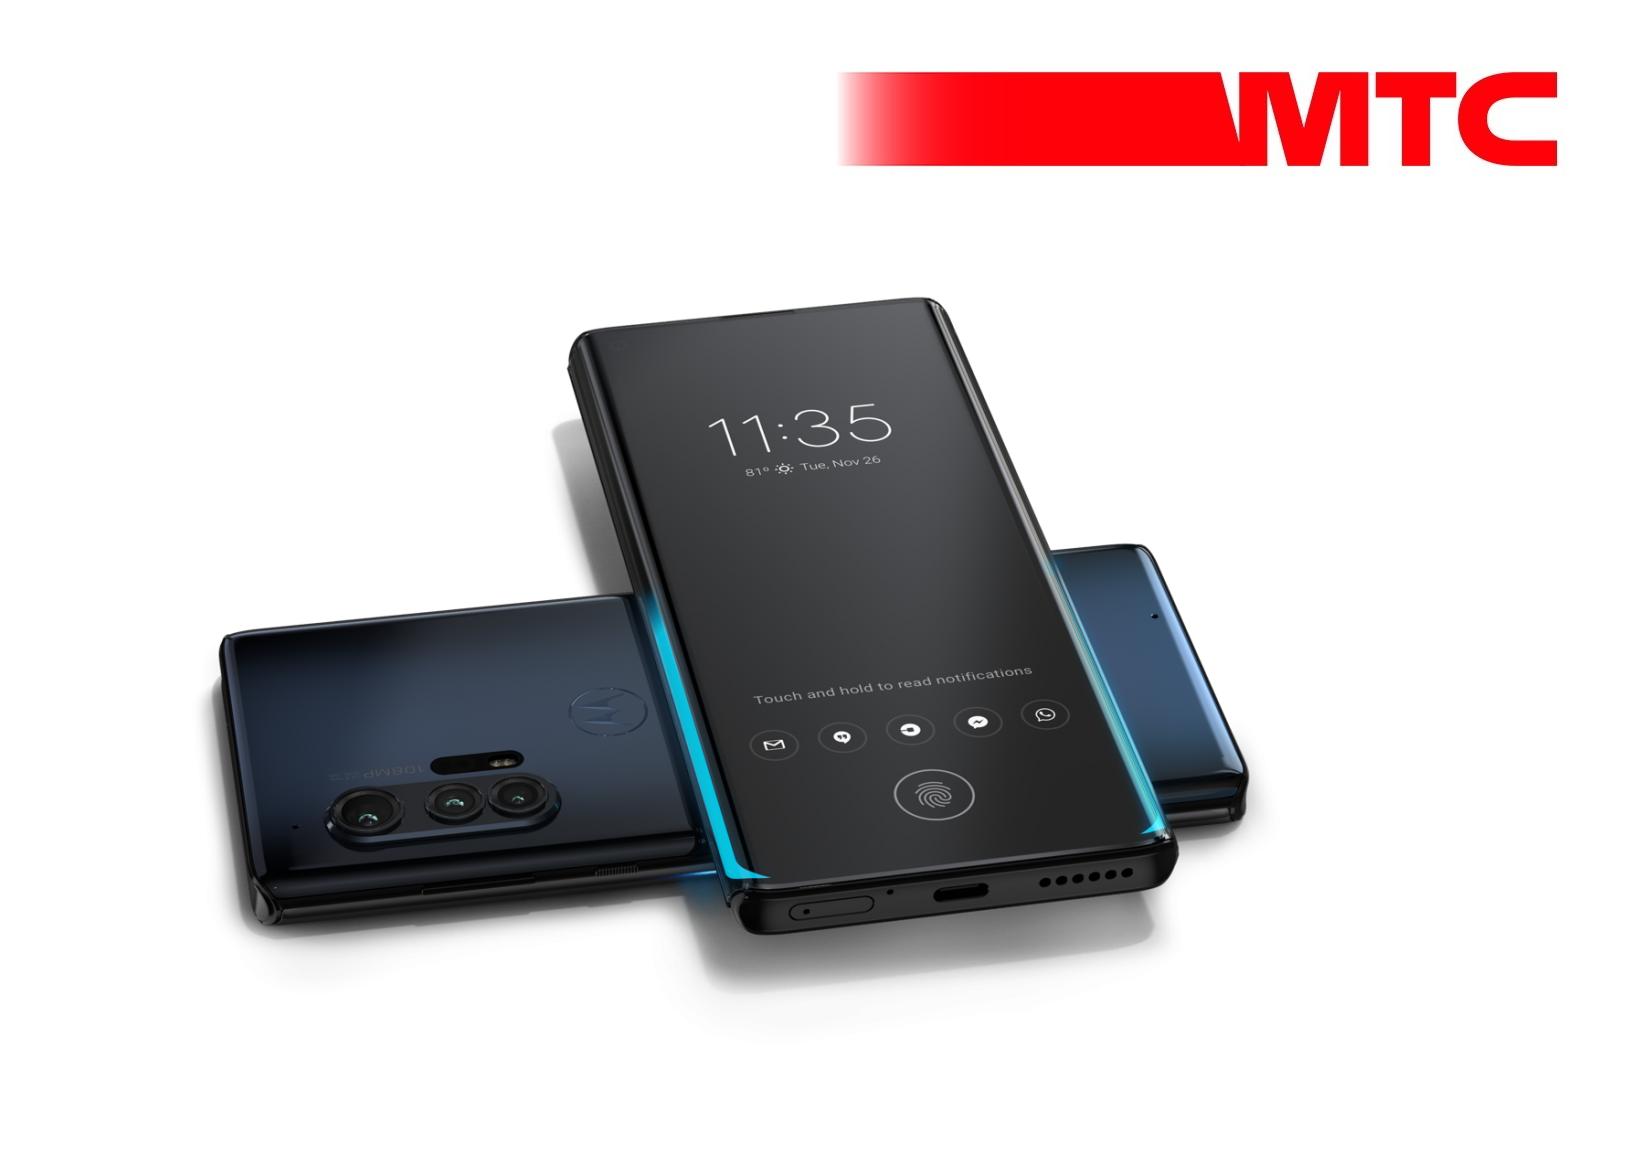 МТС, Motorola и Qualcomm представят смартфон motorola edge+ для первых сетей 5G в России 1